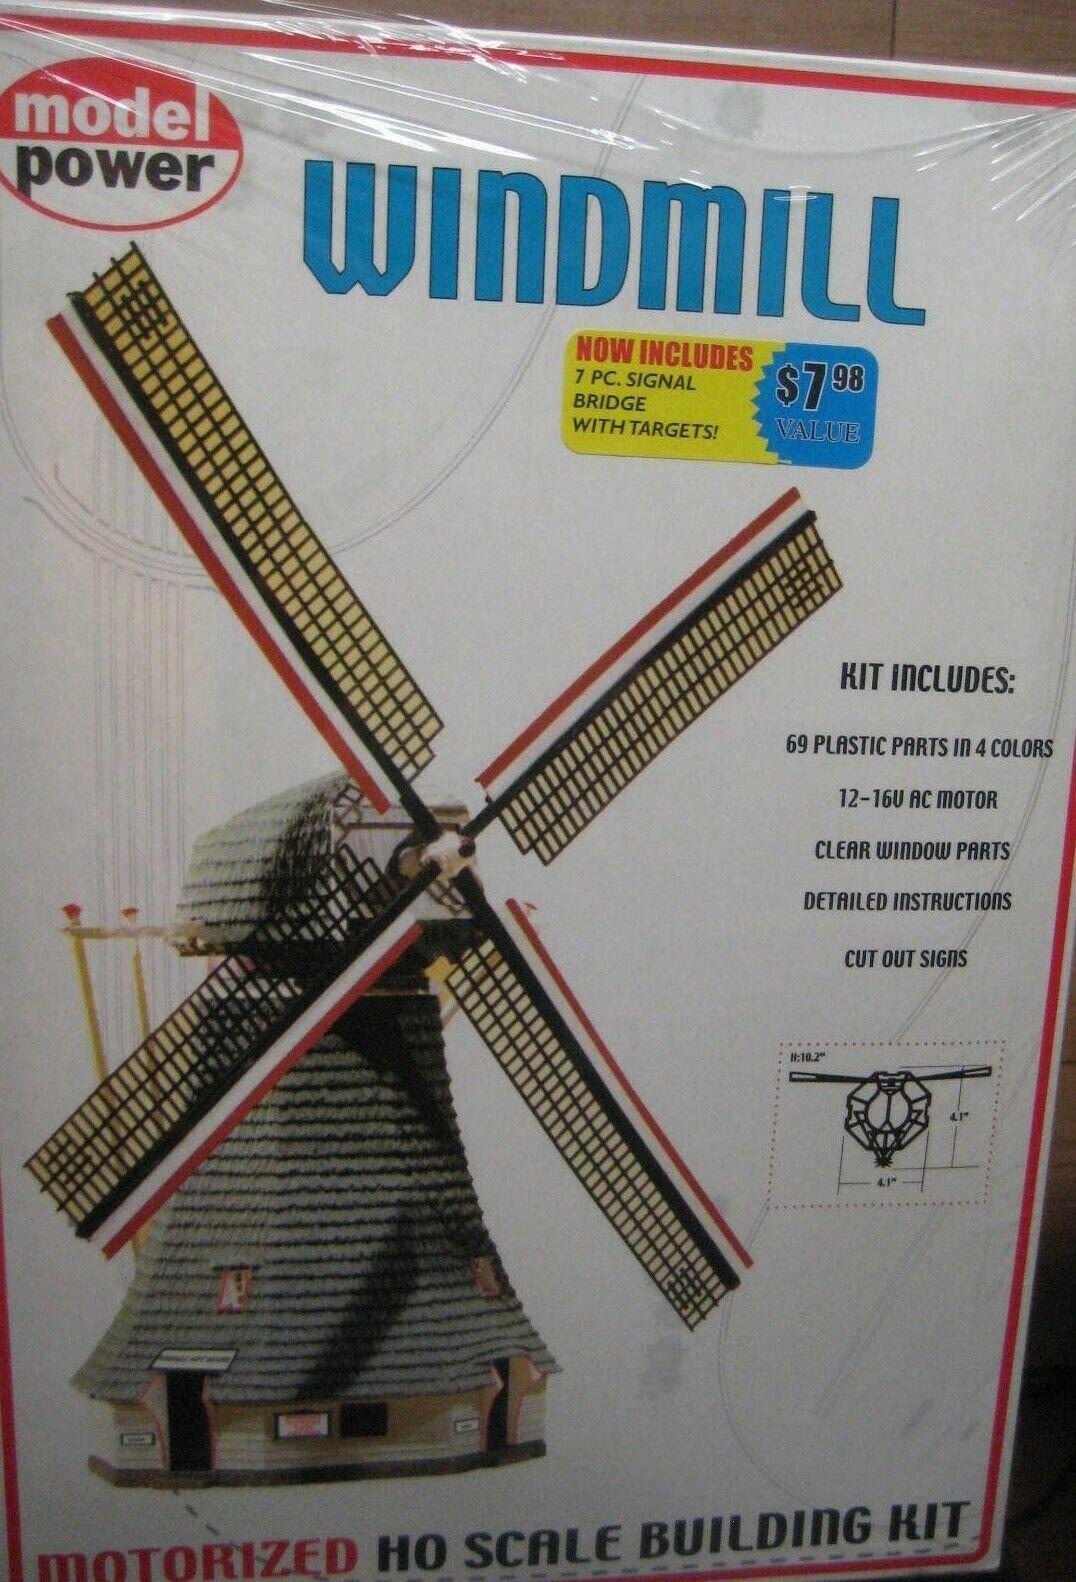 MODEL POWER WINDMILL W/MOTOR # 404